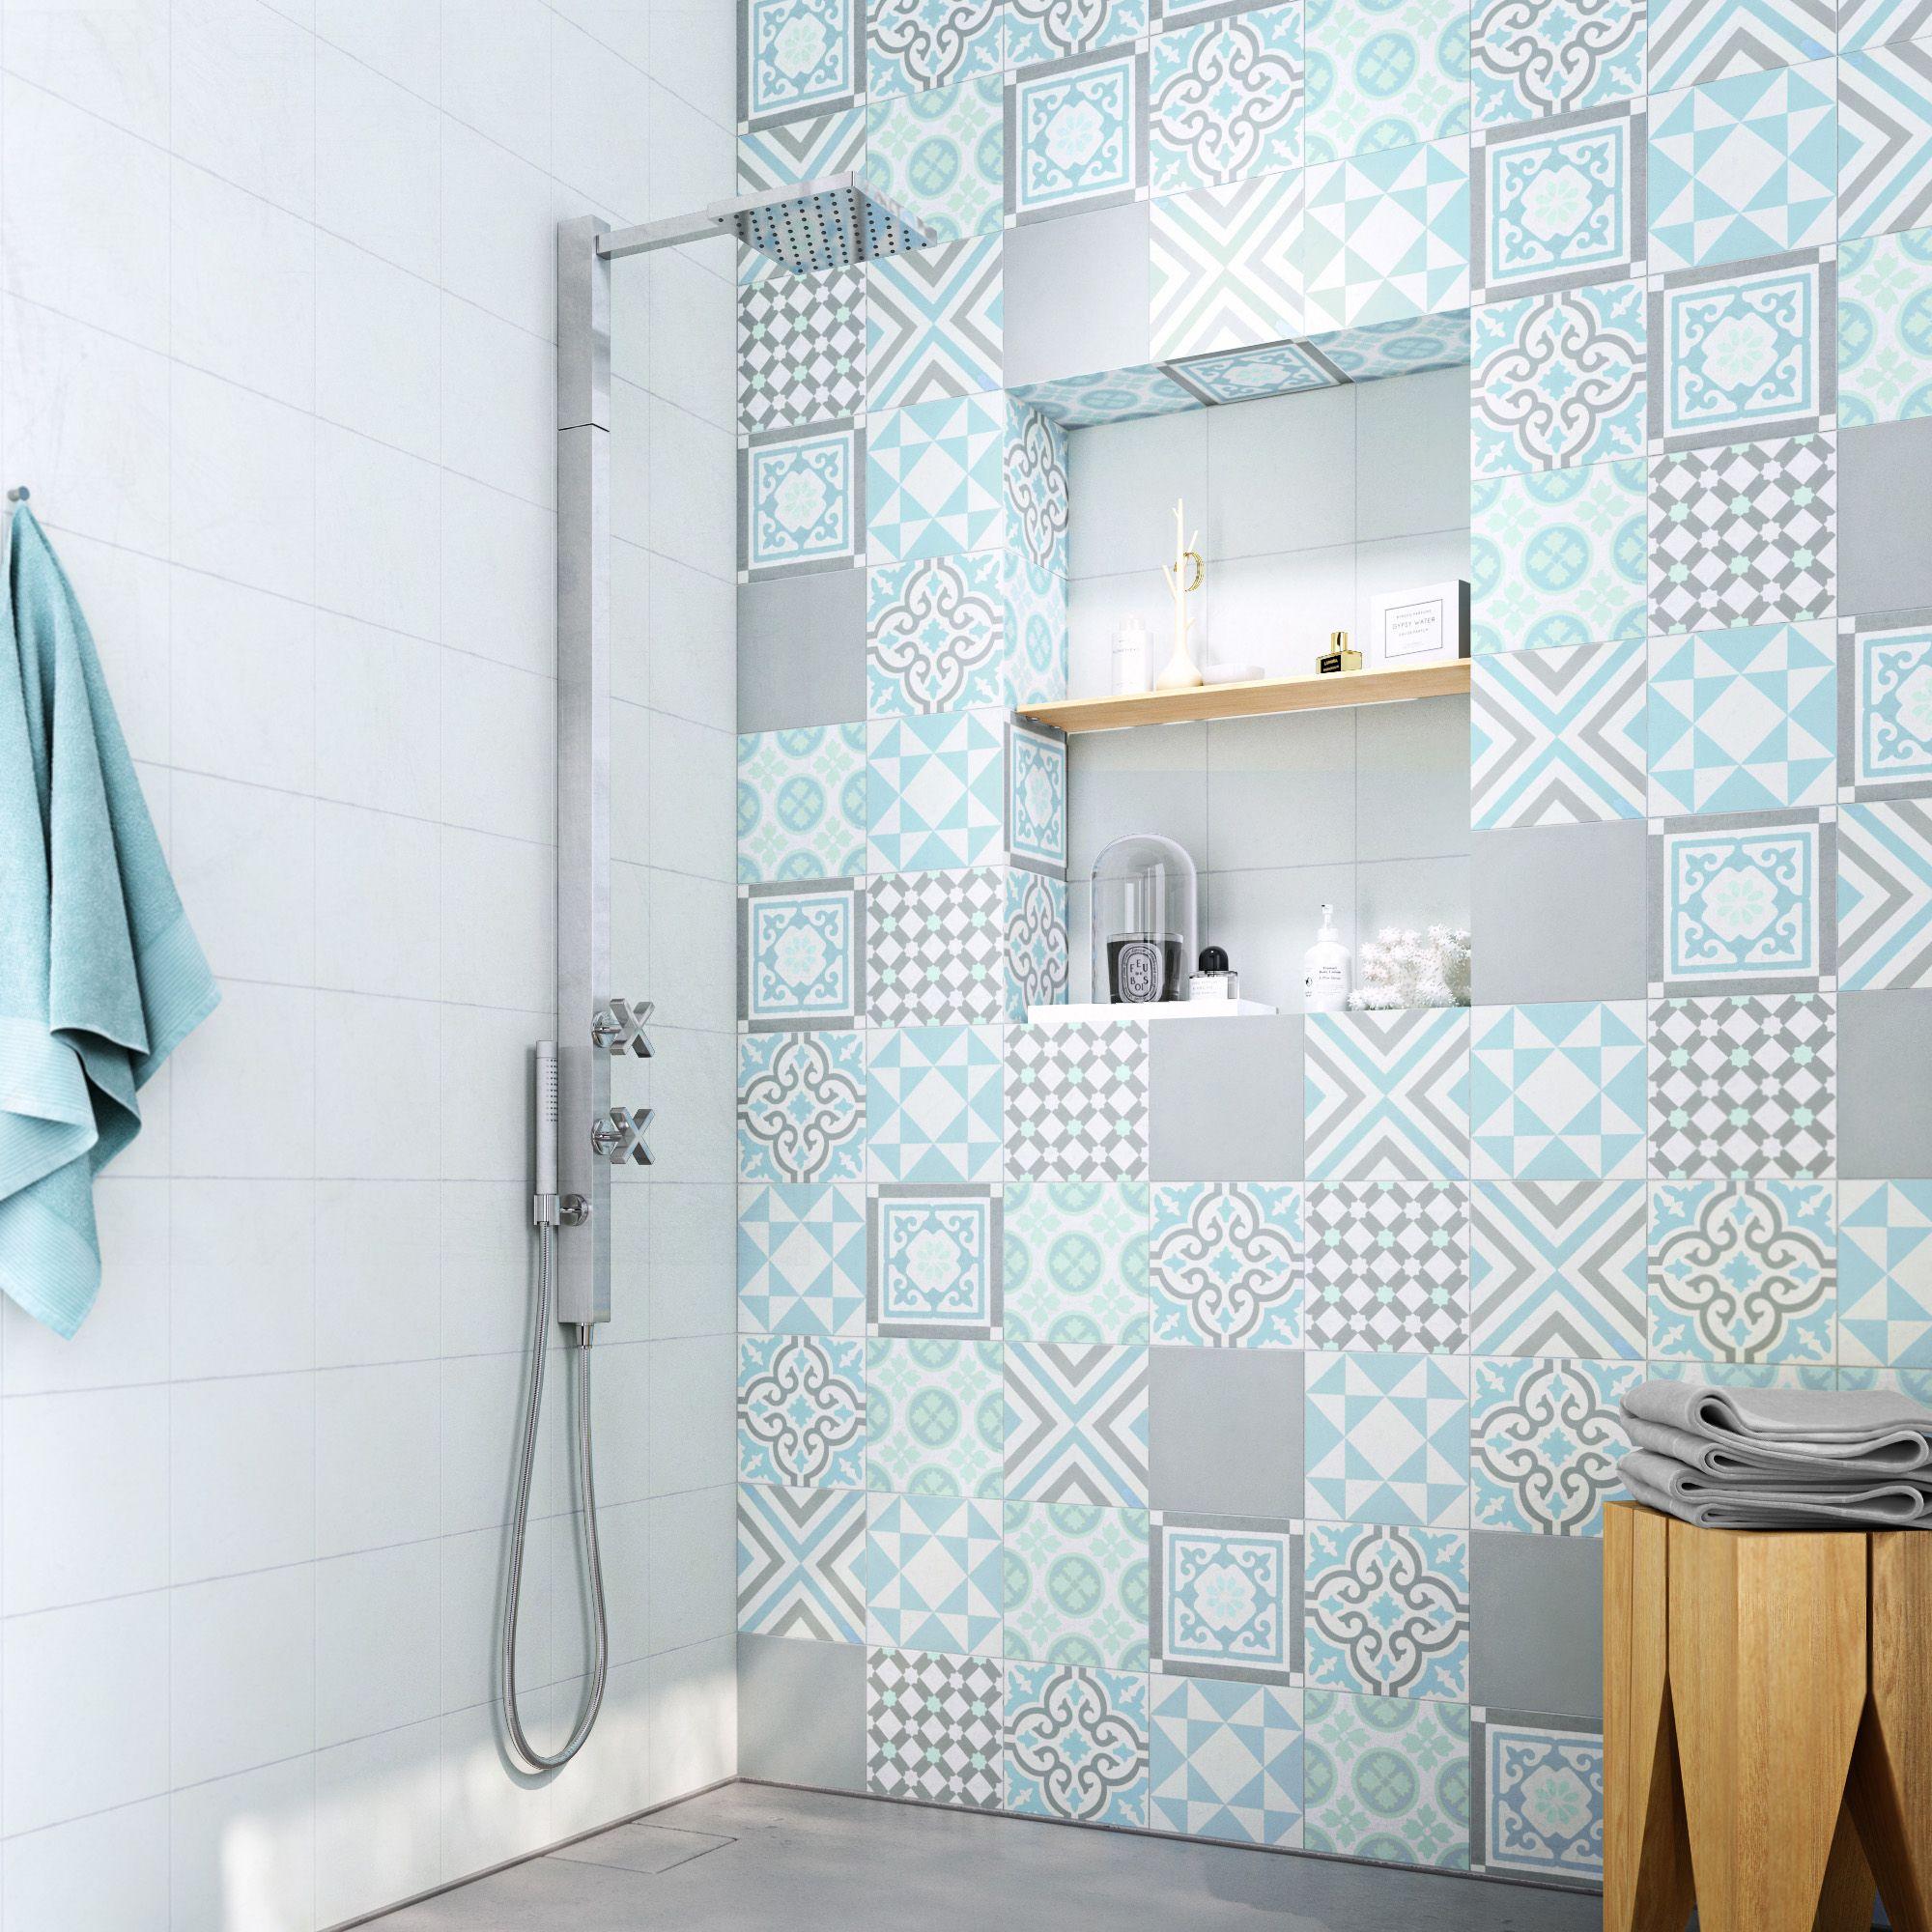 Carrelage Salle De Bain Bleu Turquoise carreau de ciment mur gris, bleu, blanc mat l.20 x l.20 cm